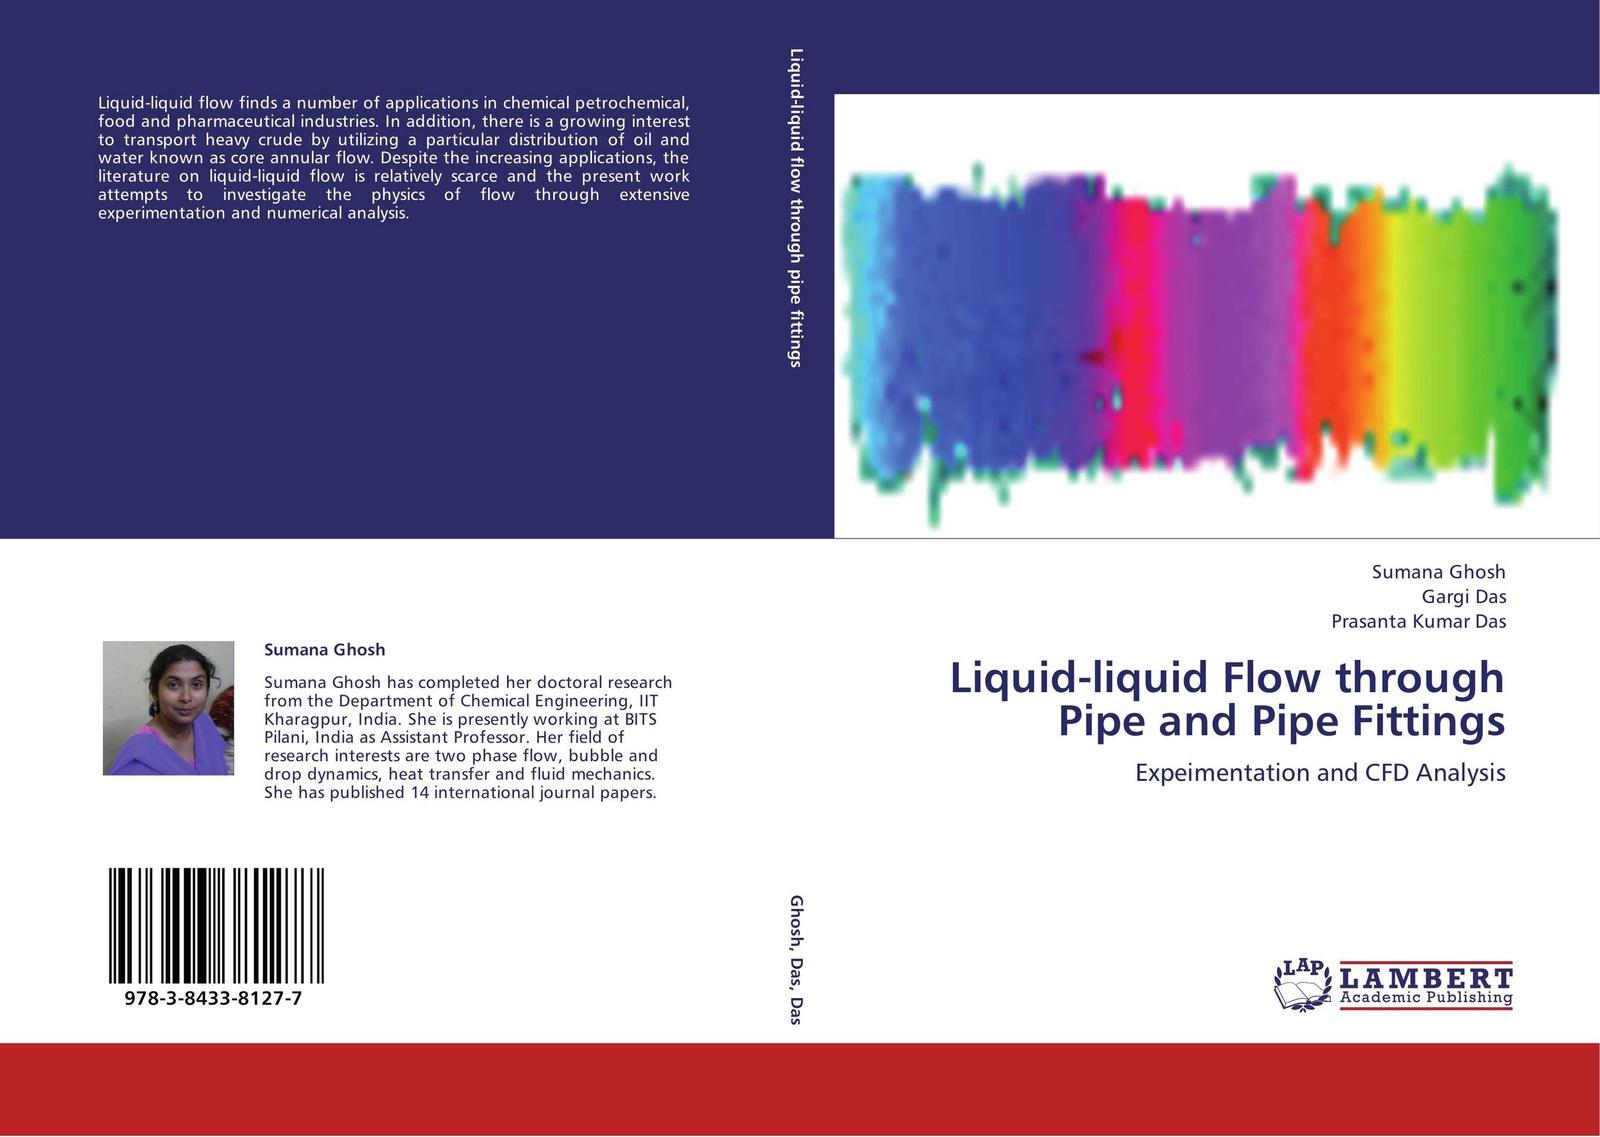 Sumana Ghosh,Gargi Das and PRASANTA KUMAR DAS Liquid-liquid Flow through Pipe Fittings